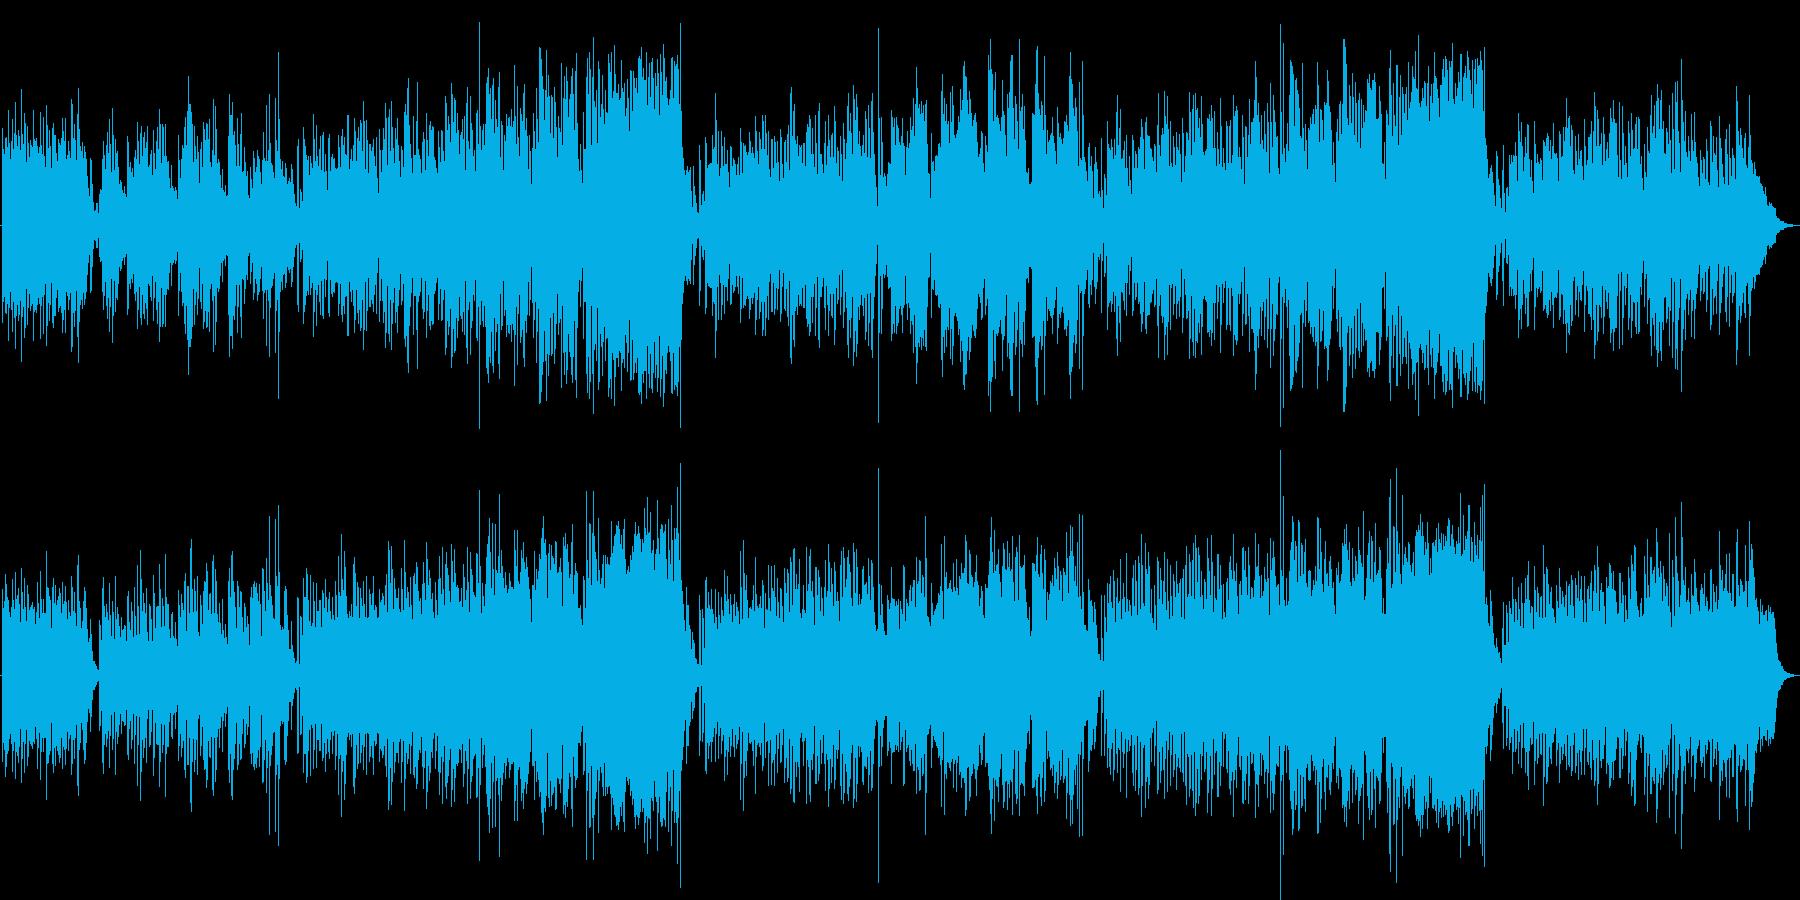 シャンゼリゼ通りを吹き抜ける風のような曲の再生済みの波形